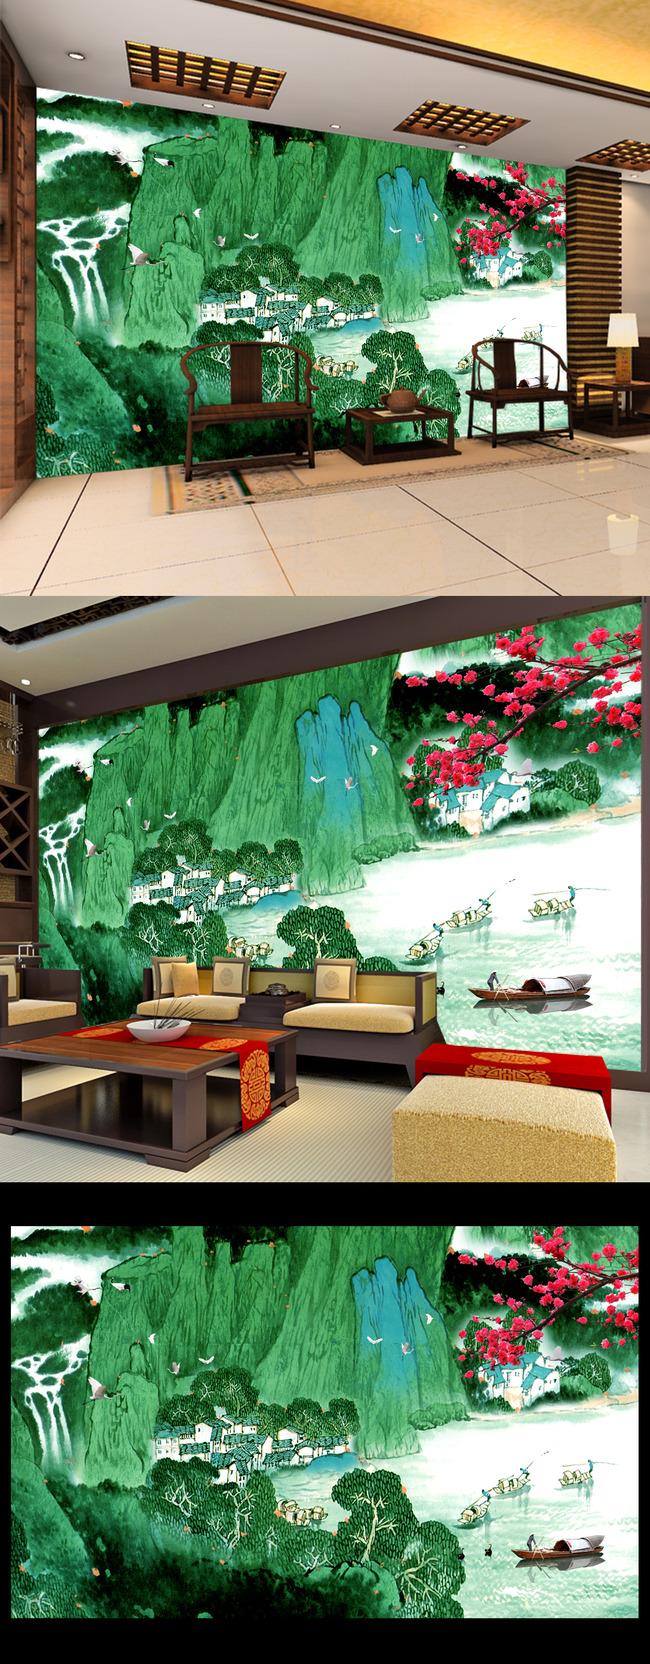 电视背景墙效果图 客厅电视背景墙 玄关背景墙 船 仙鹤 水墨山 大好